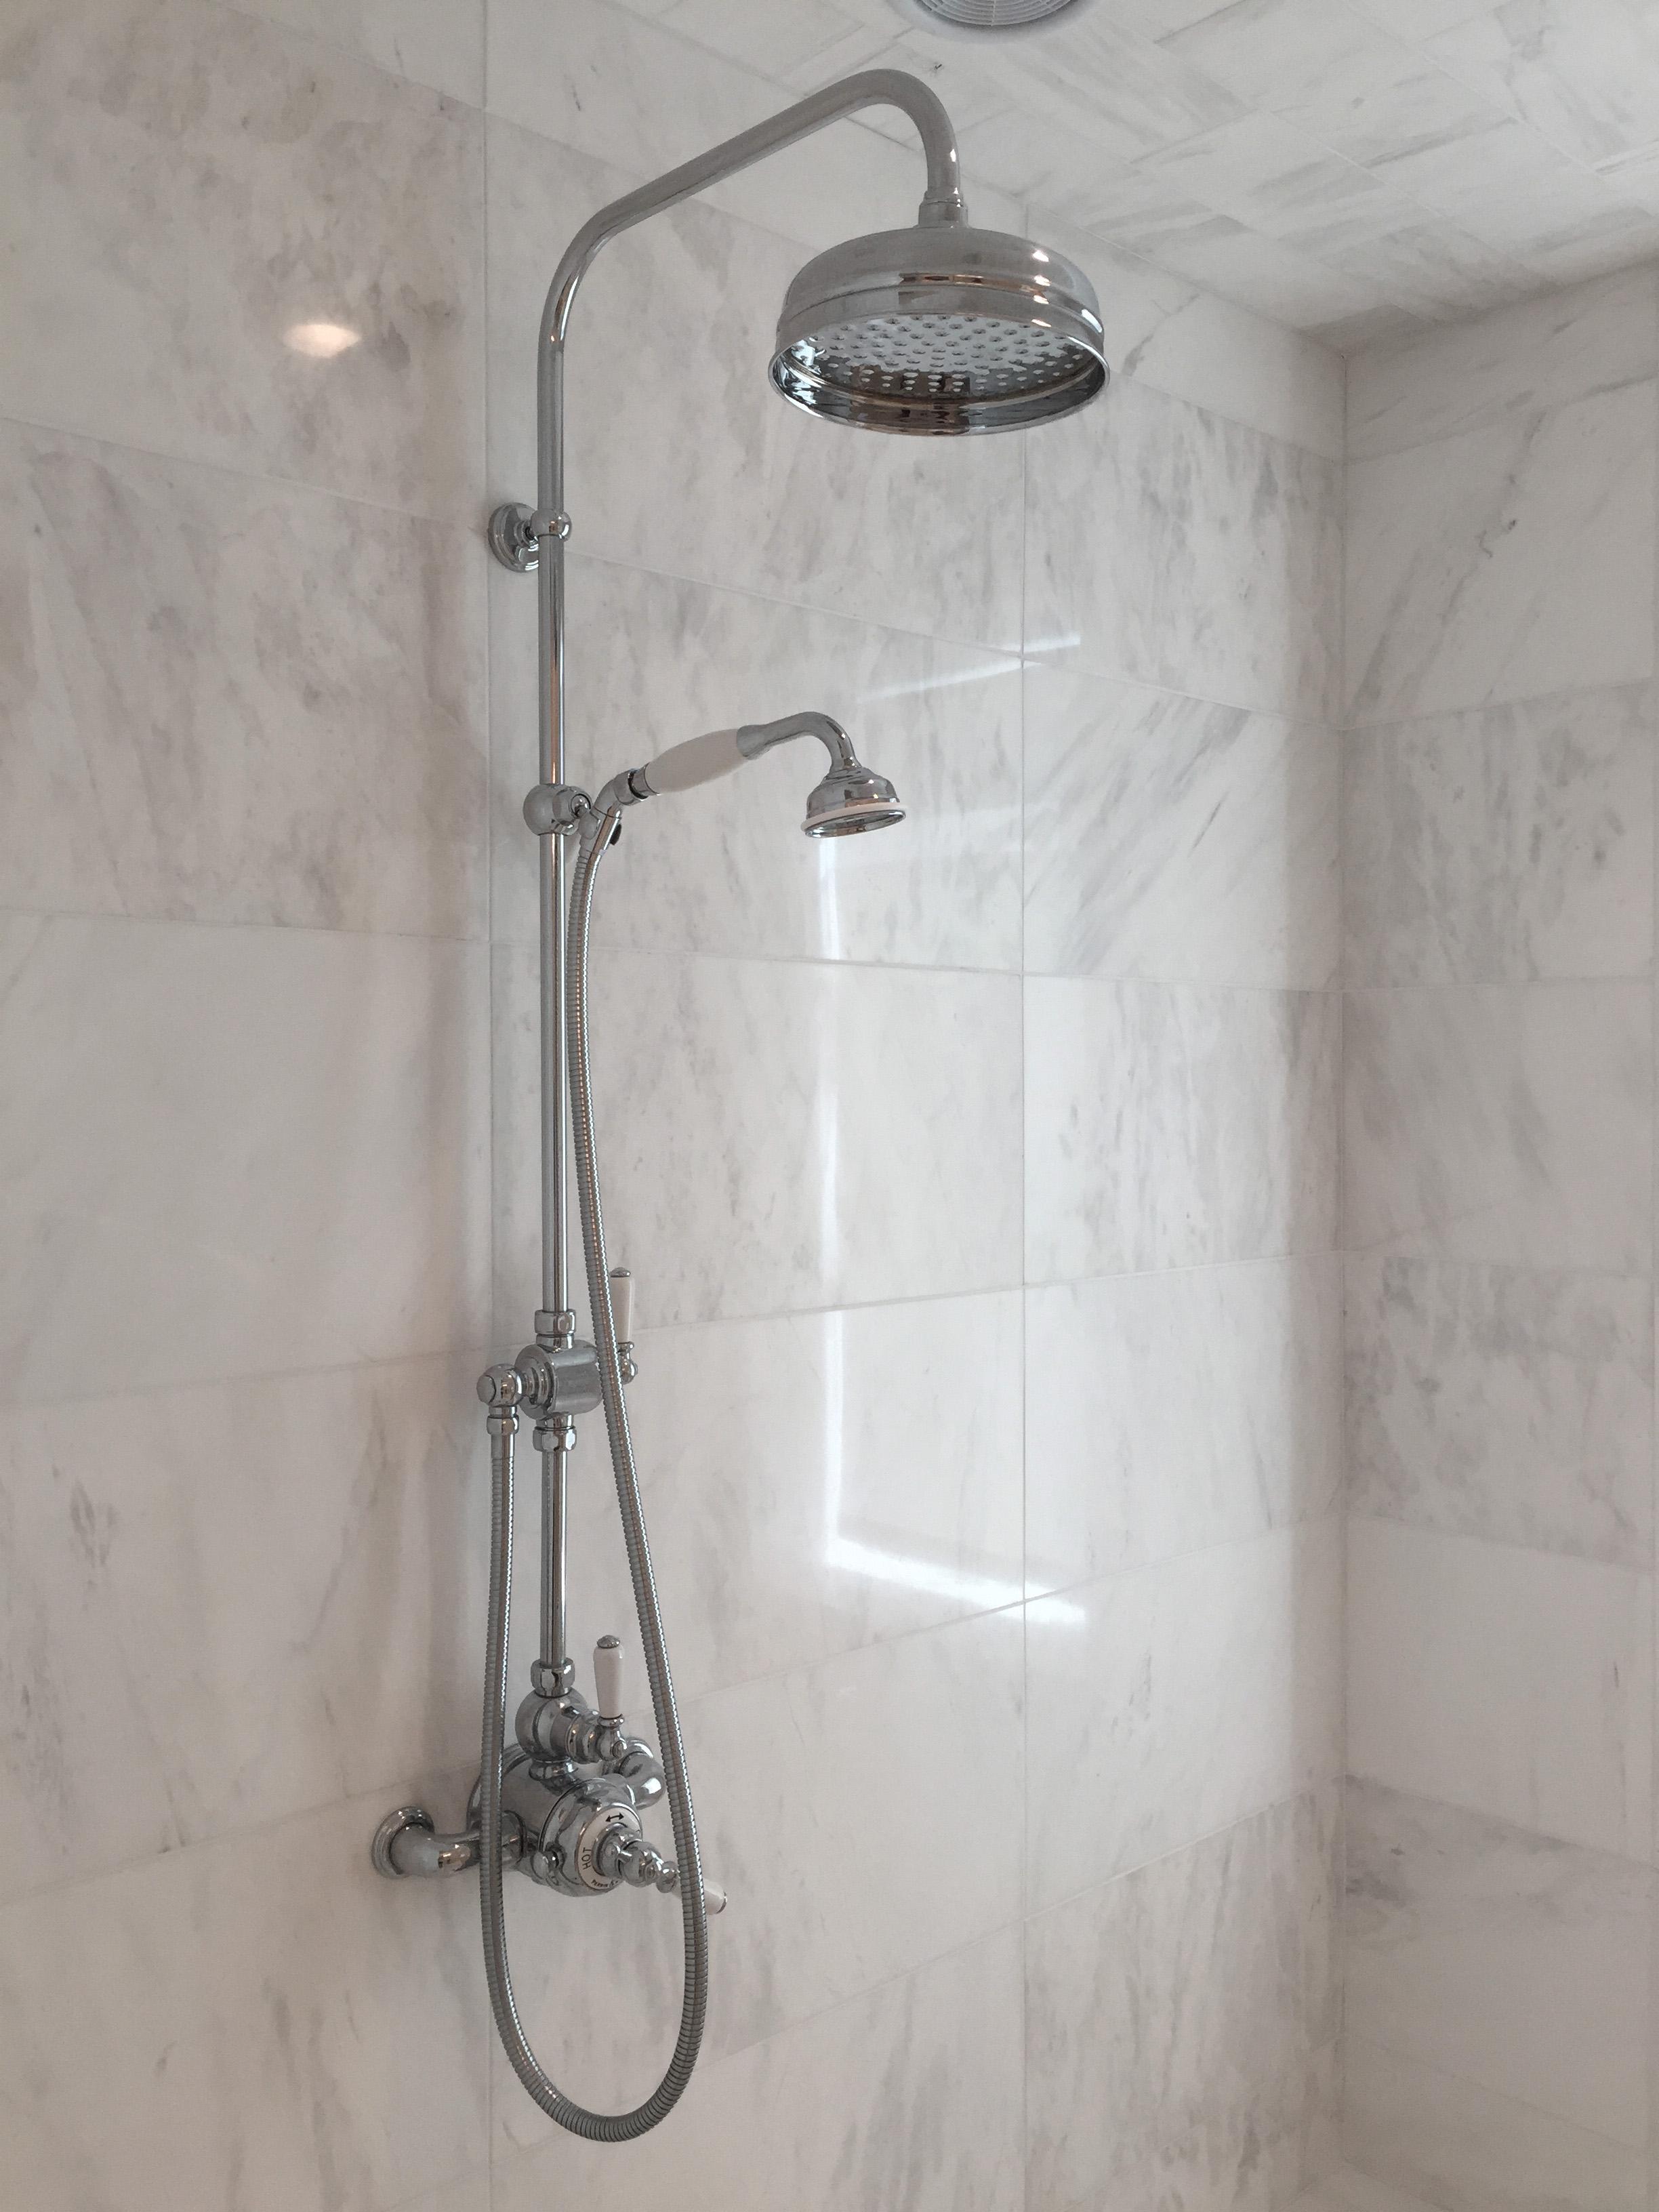 shower_body.jpg